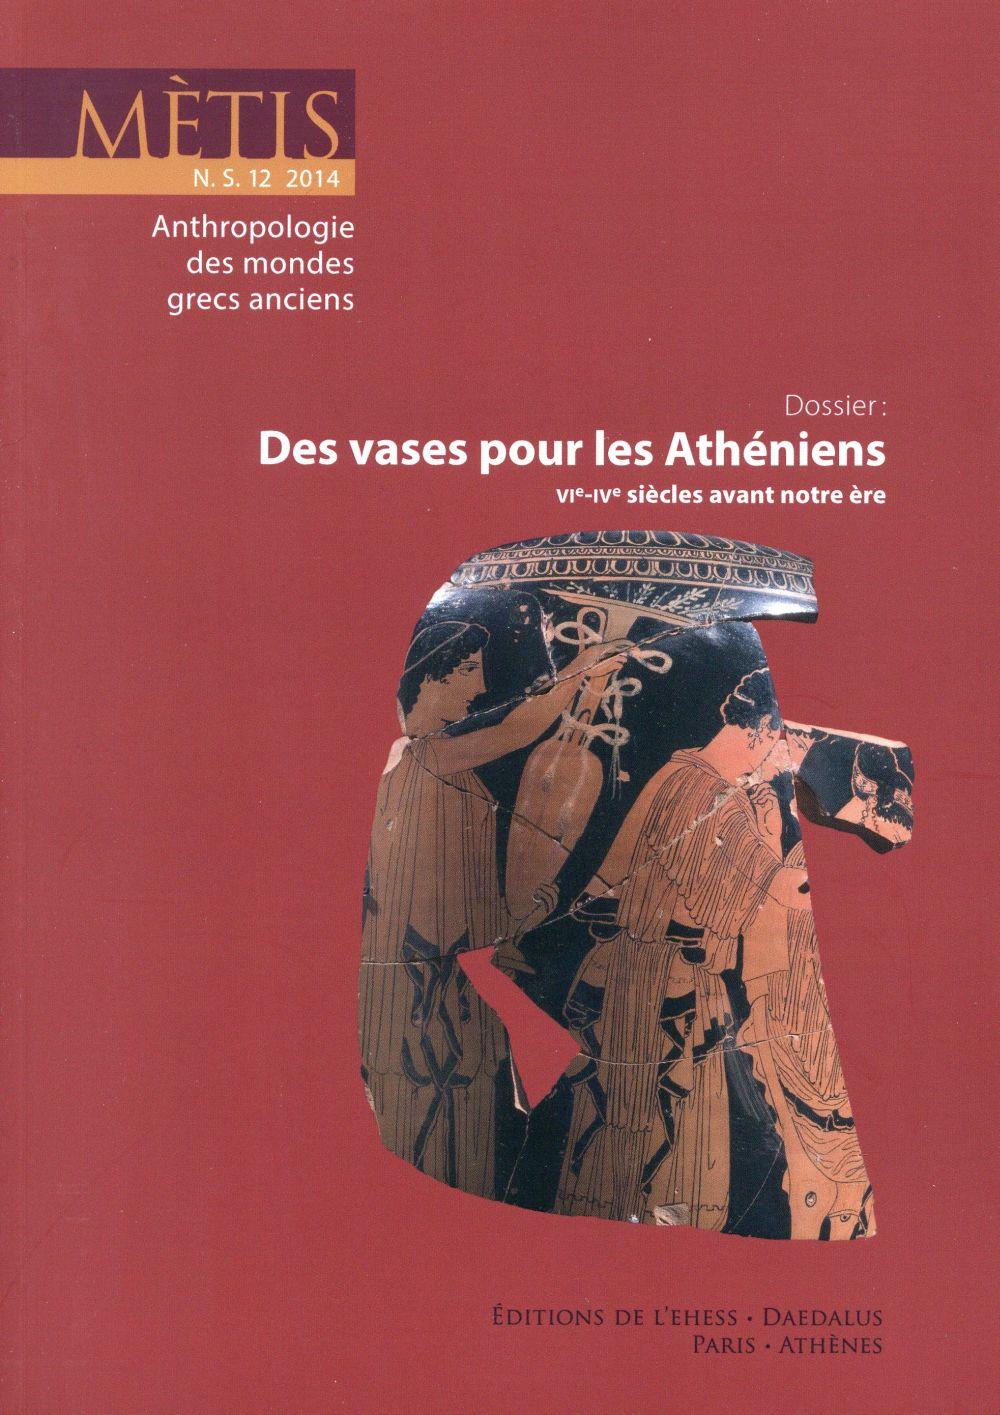 Revue metis; des vases pour les atheniens (vie-ive siecle avant notre ere)